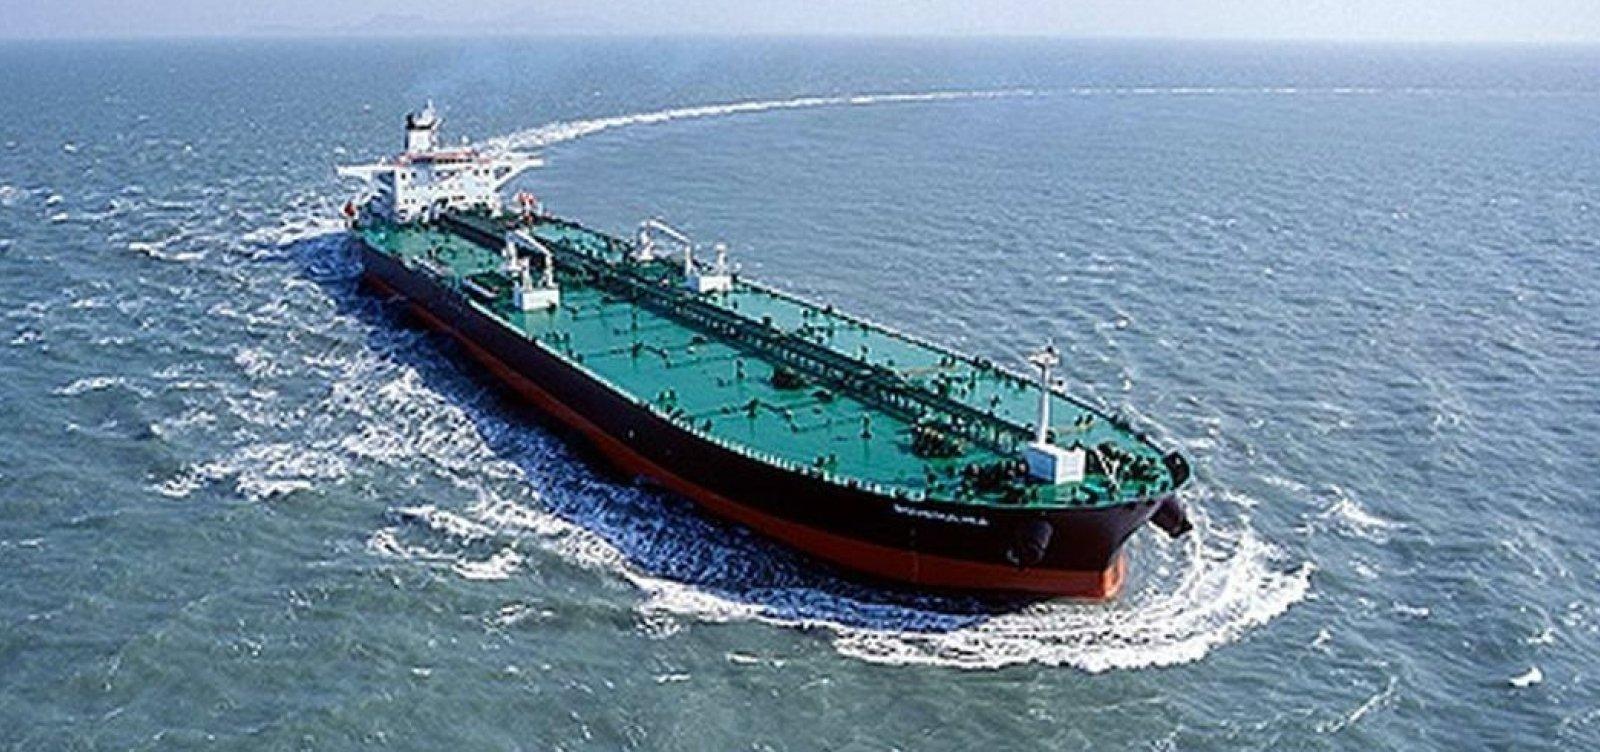 Navio Bouboulina é responsável pelo vazamento de petróleo, diz PF